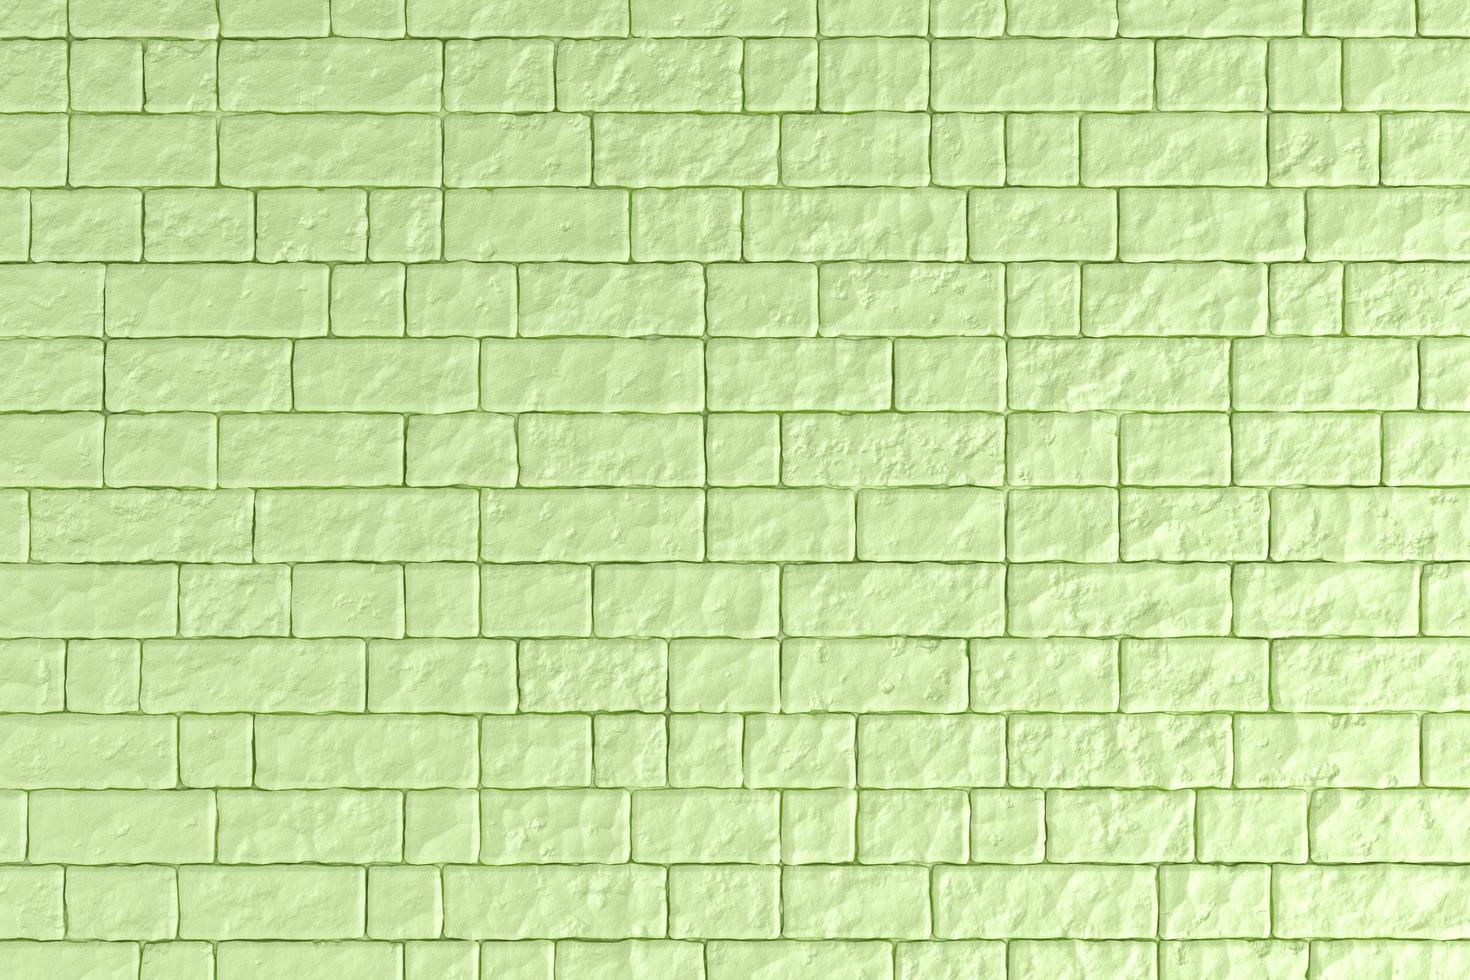 3d illustration d'un mur de briques vertes photo